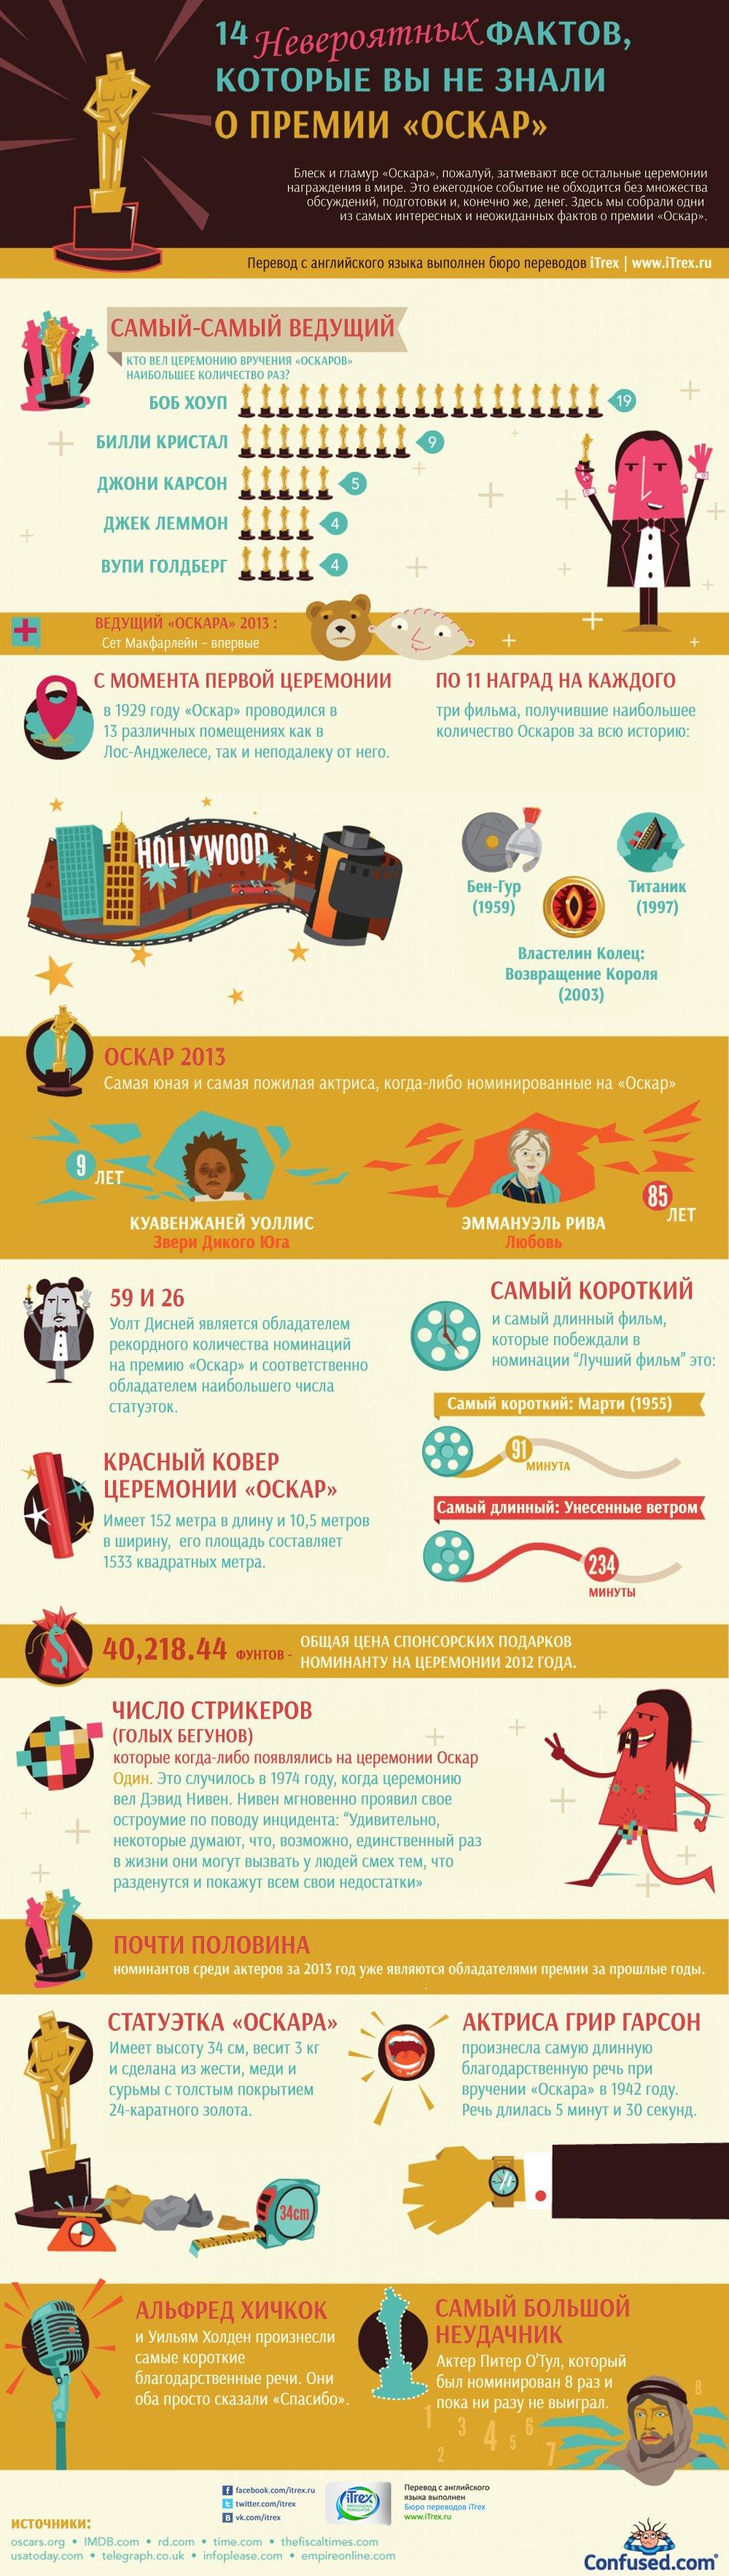 14 невероятных фактов, которые вы не знали о премии «Оскар»